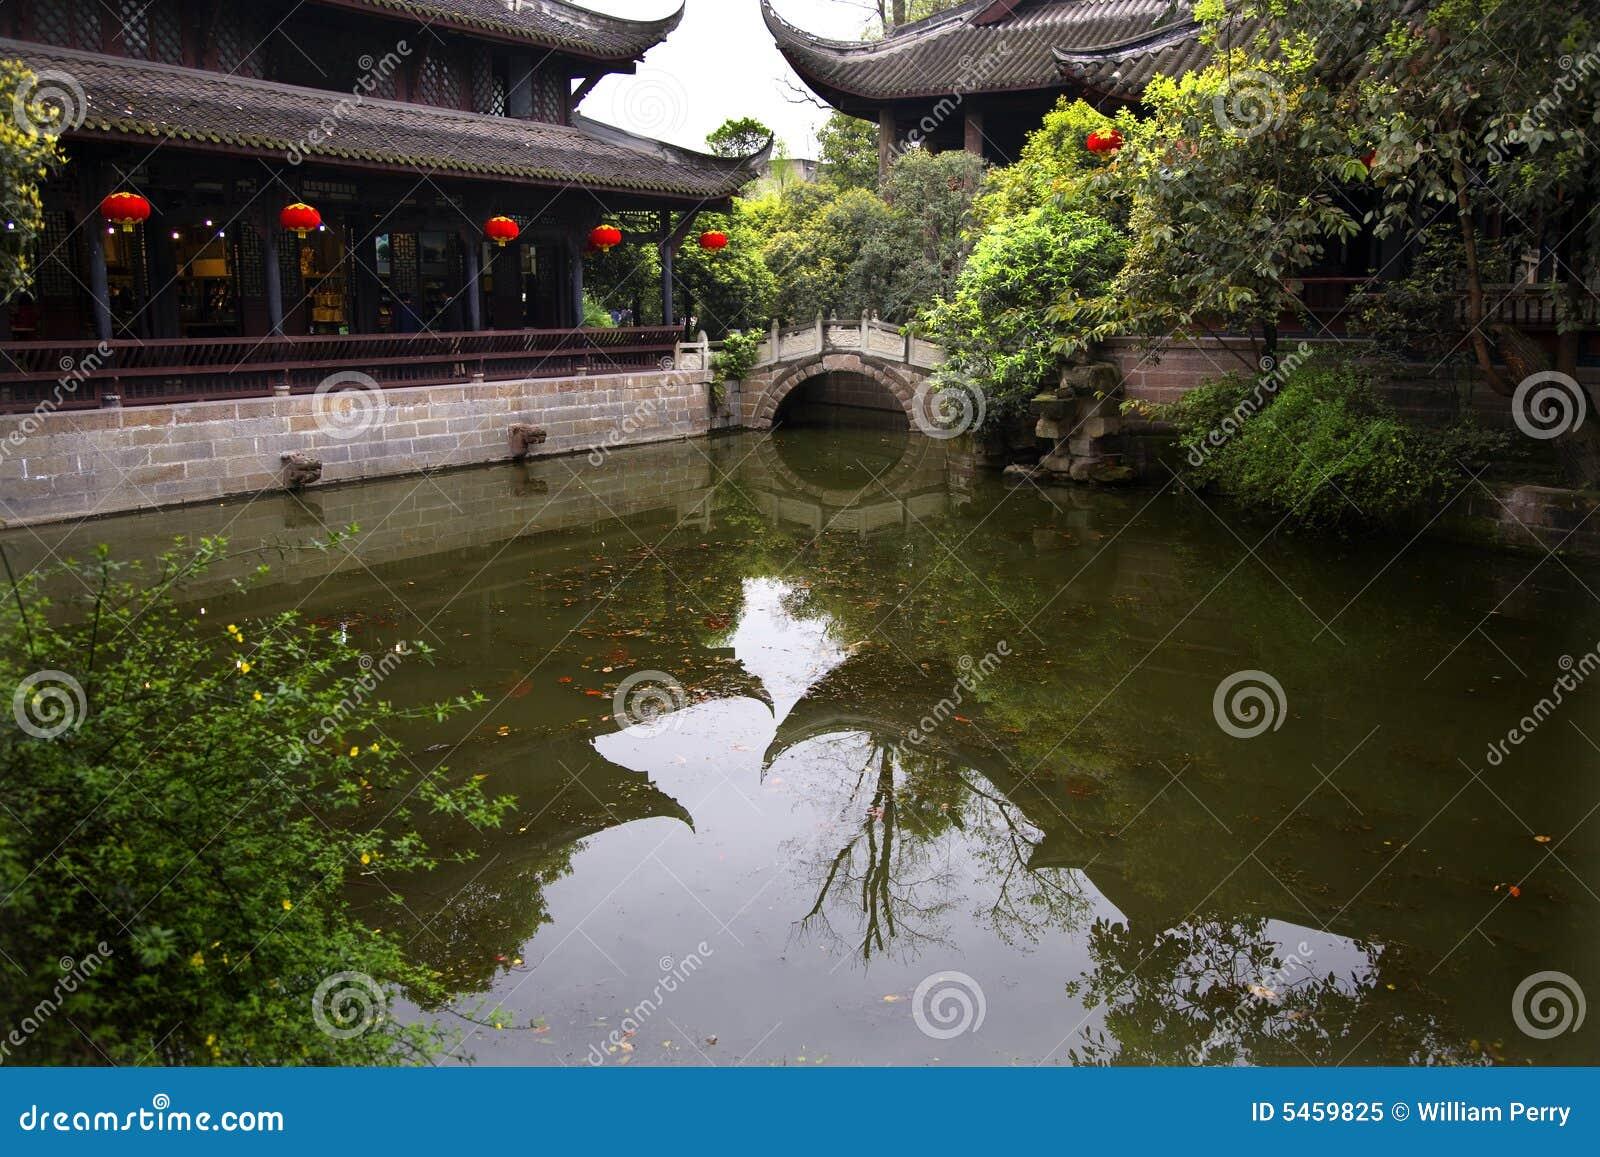 瓷灯笼筑成池塘红色反映四川寺庙